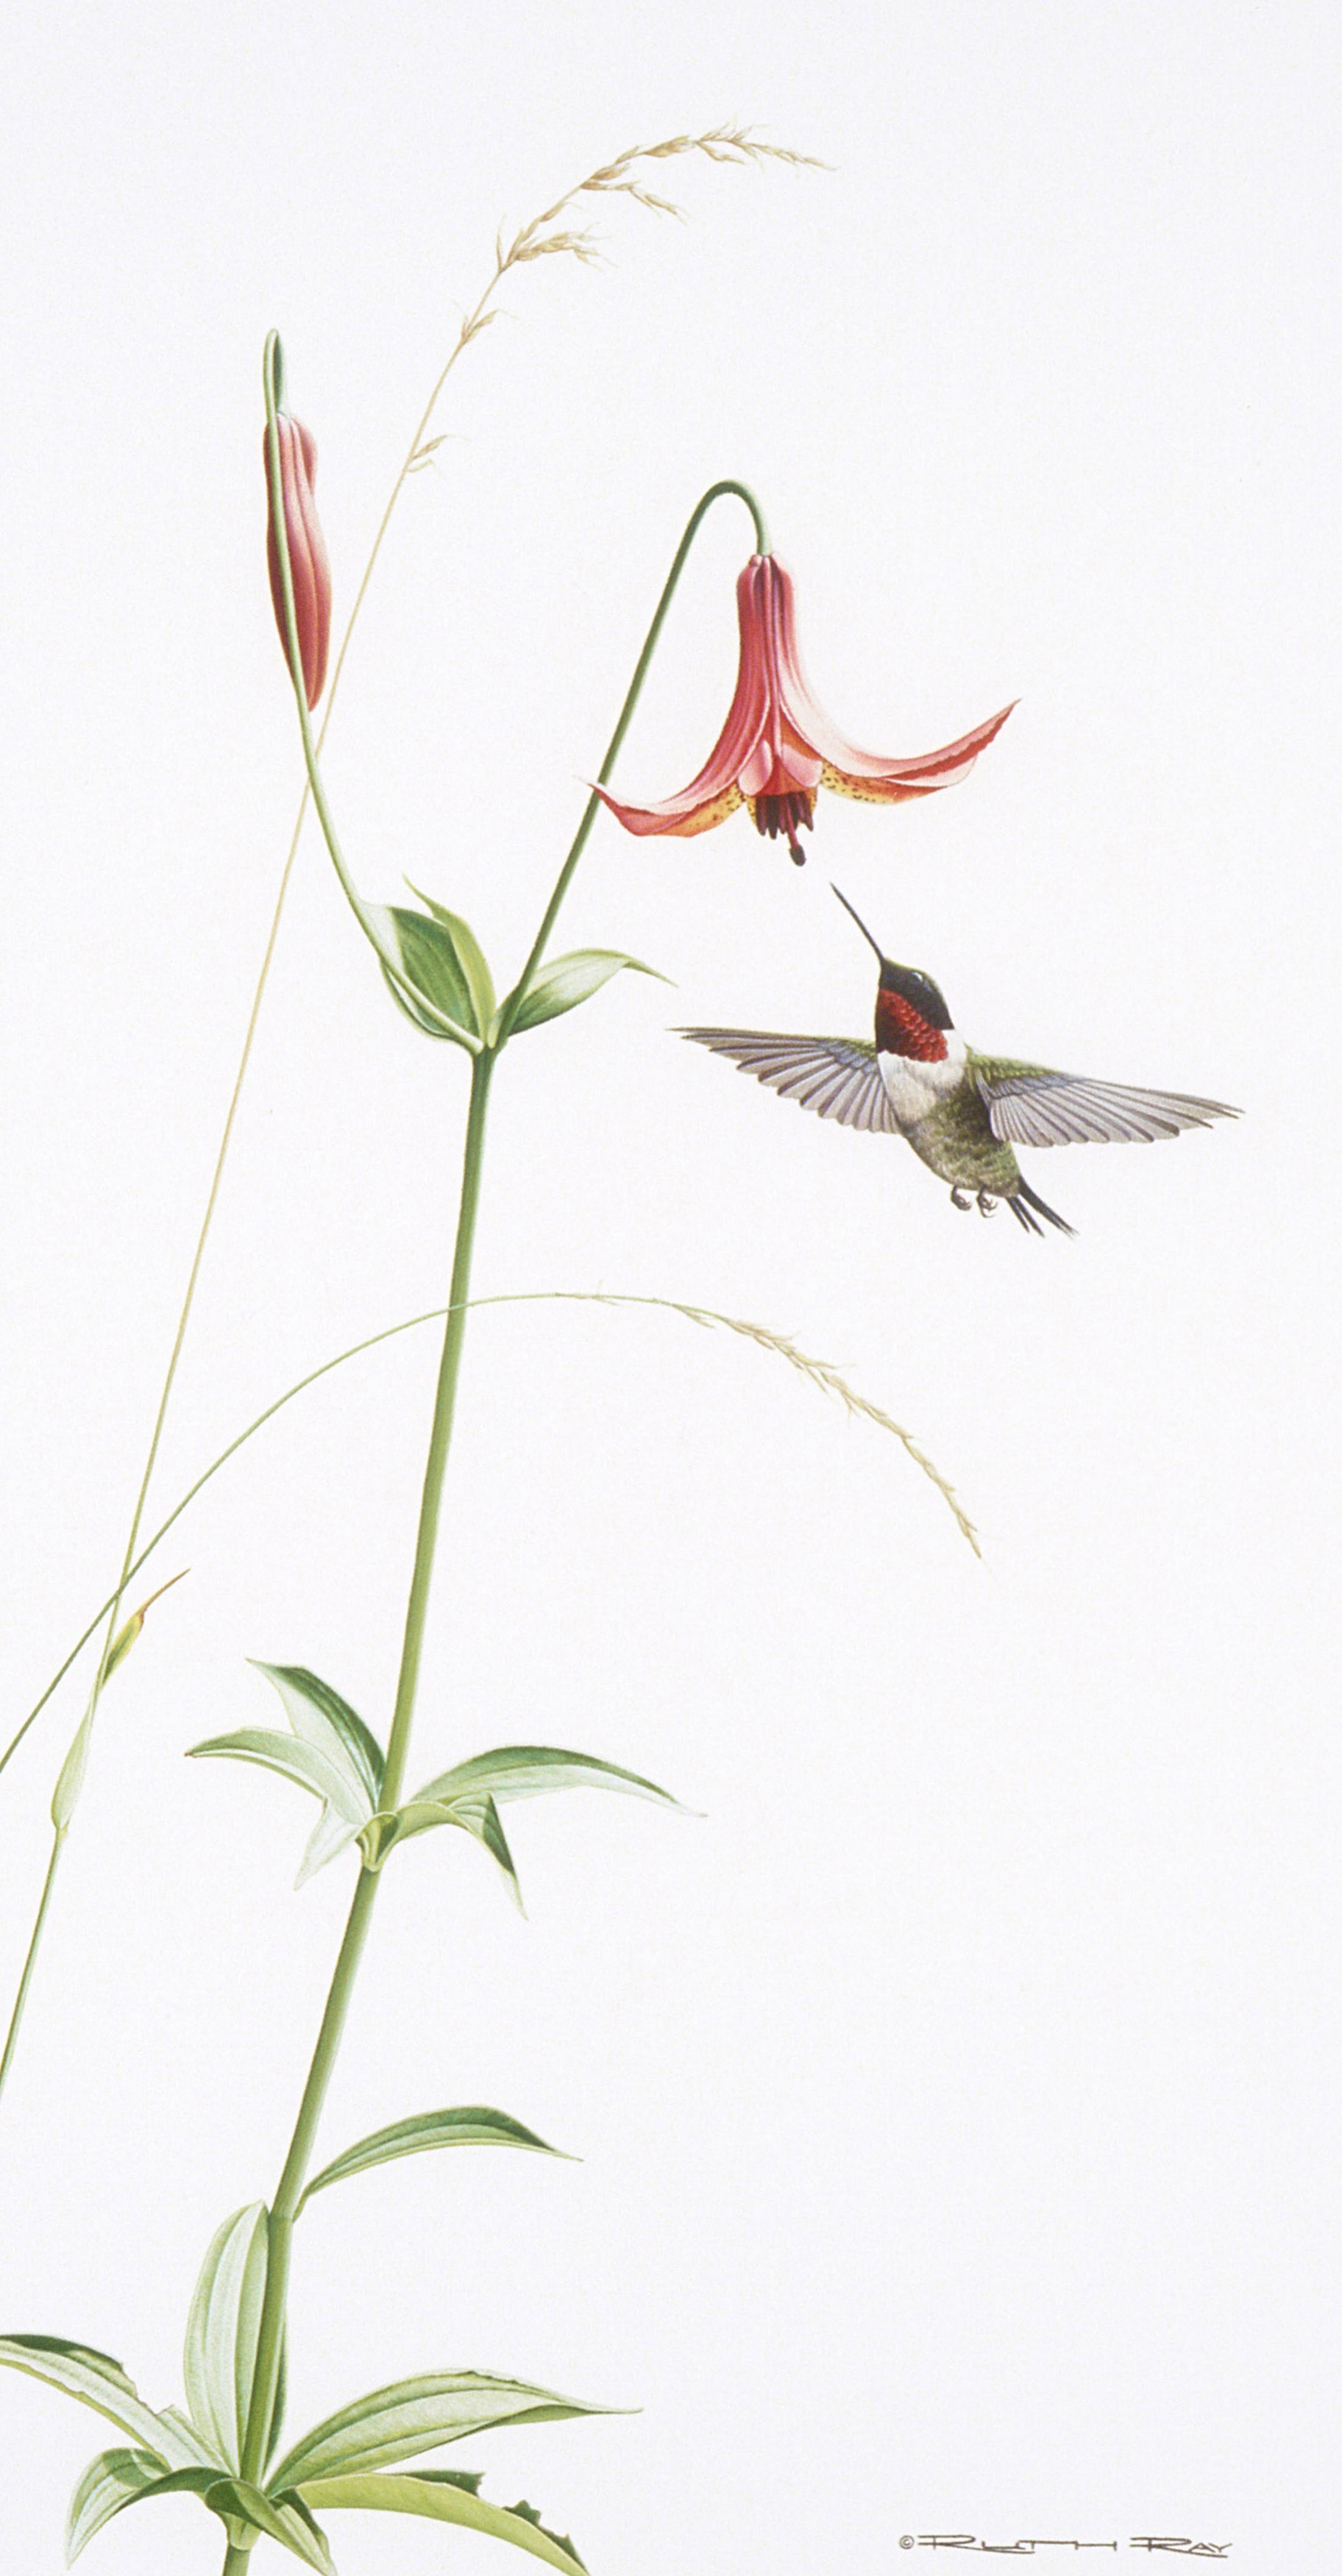 Ruby-ThroatedHummingbird/Canada Lily - 10